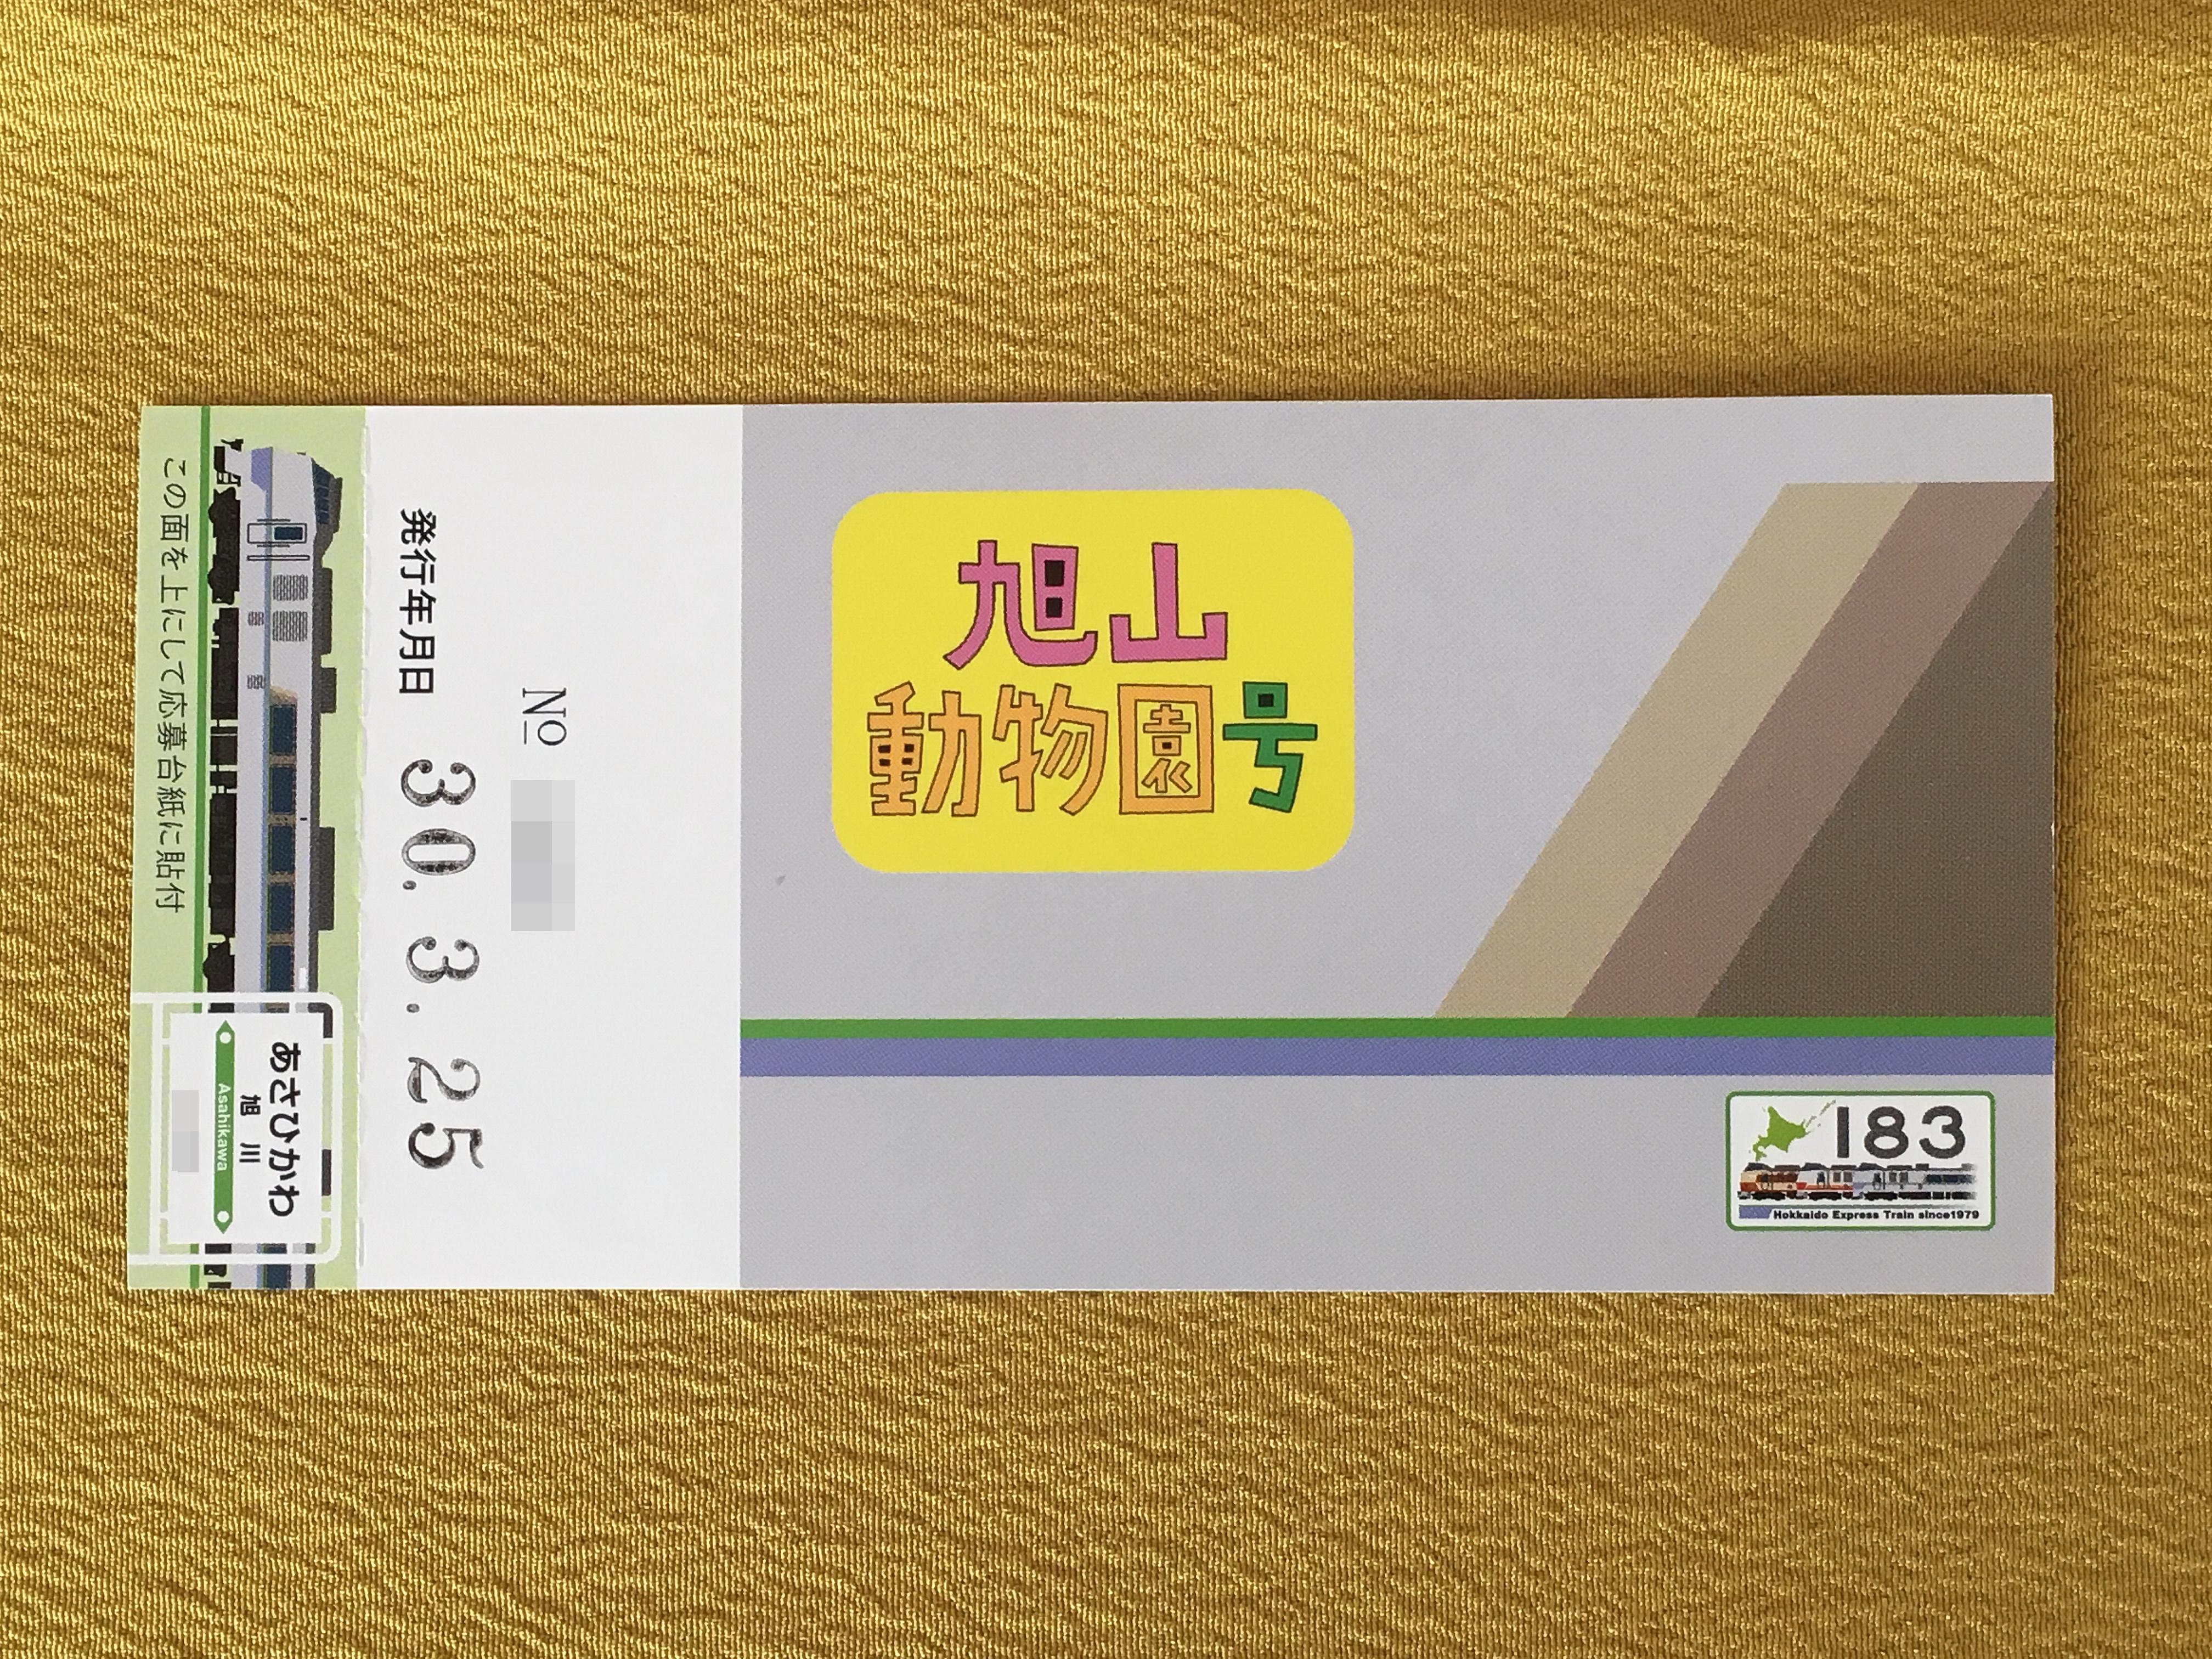 キハ183-0系記念入場券 旭川駅裏.JPG